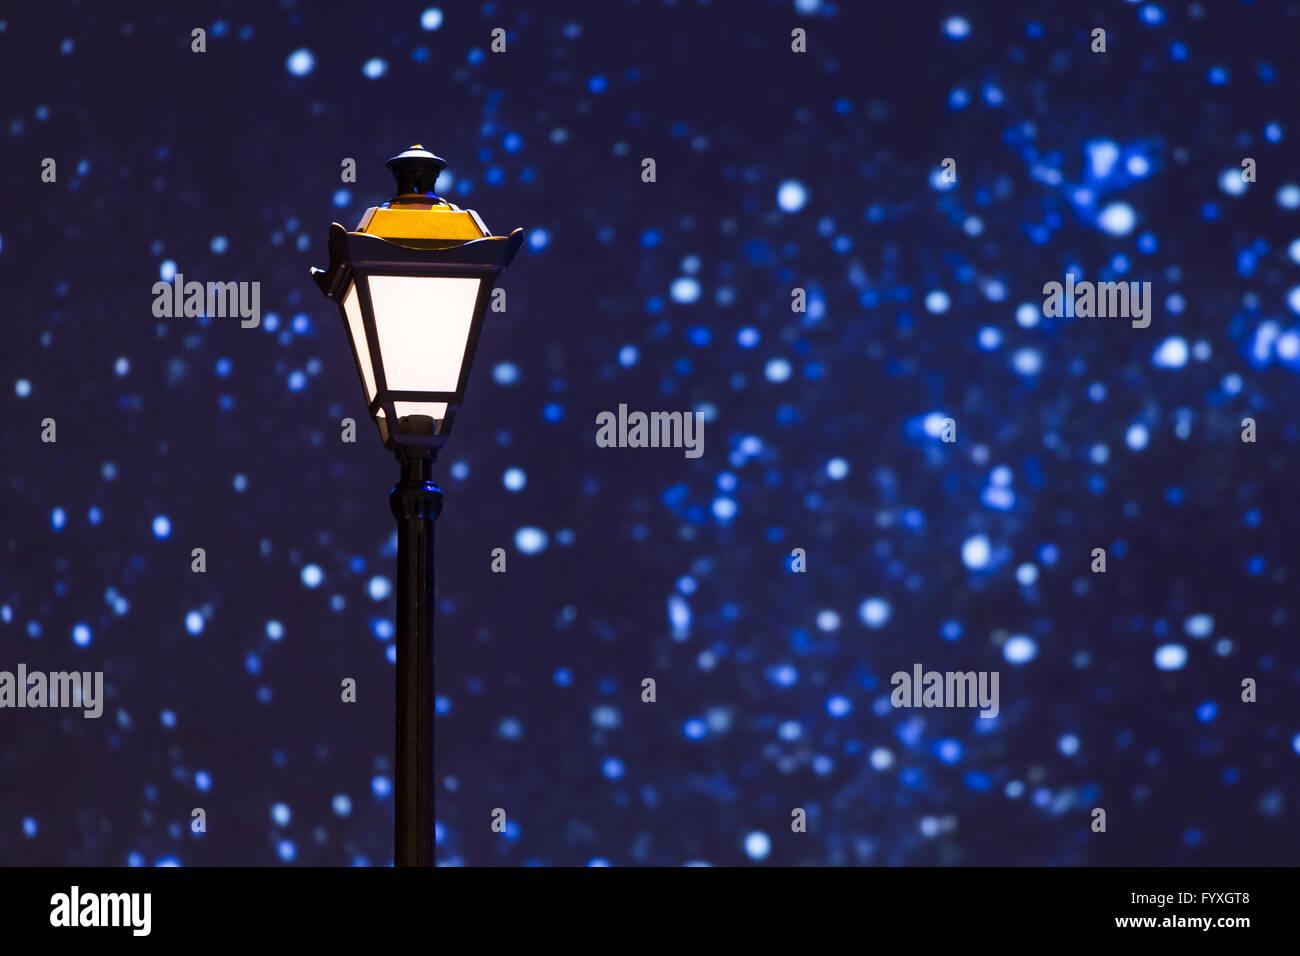 Street lamp night sky stars - Stock Image